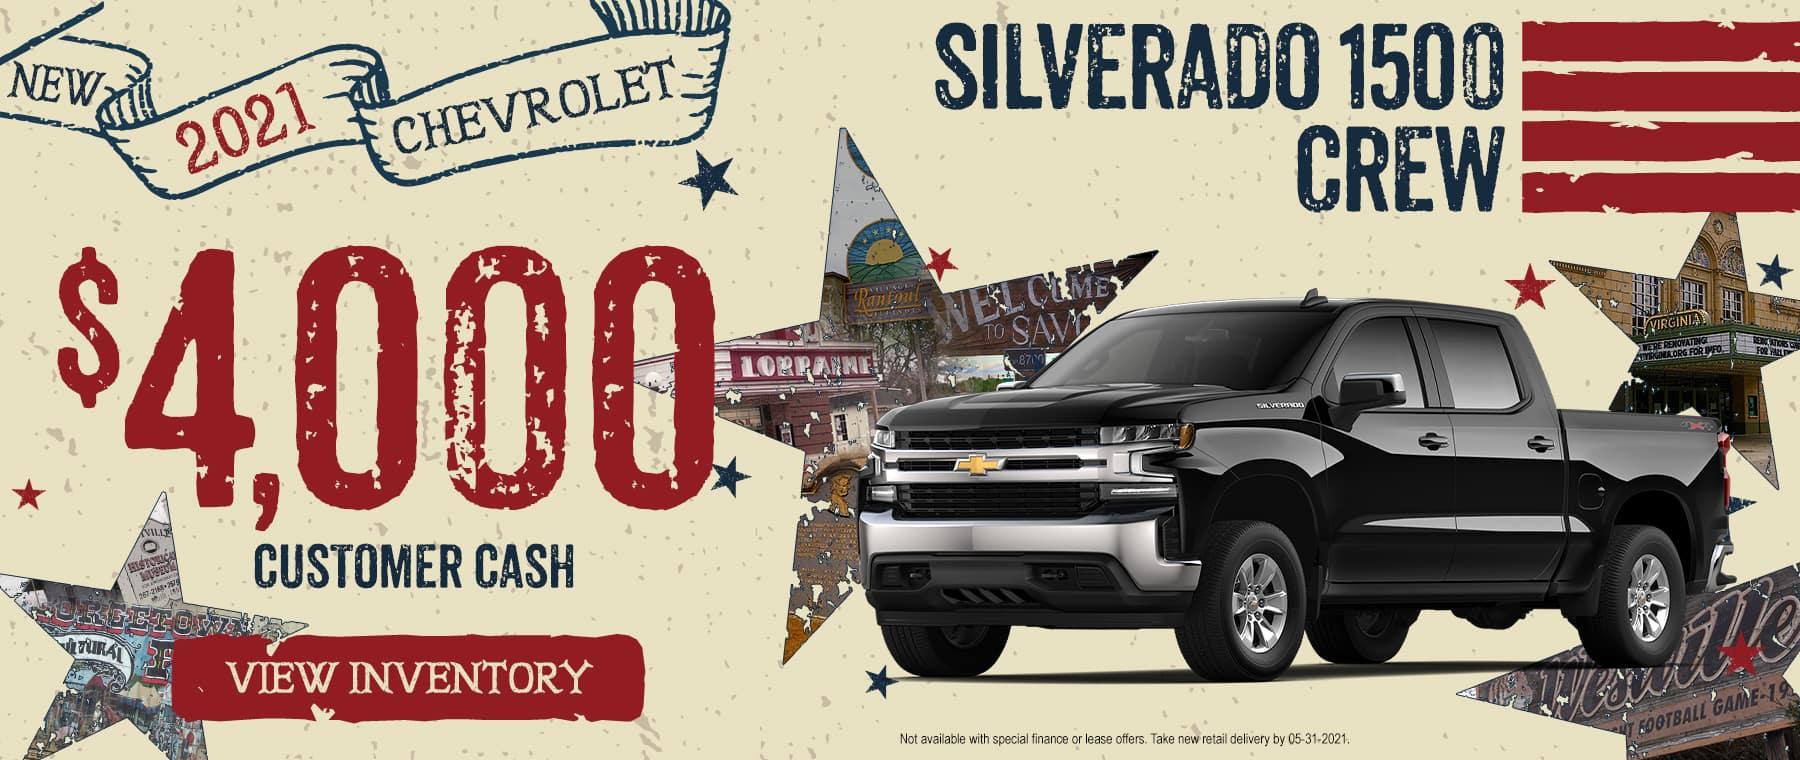 2021 CHEVROLET SILVERADO 1500 CREW